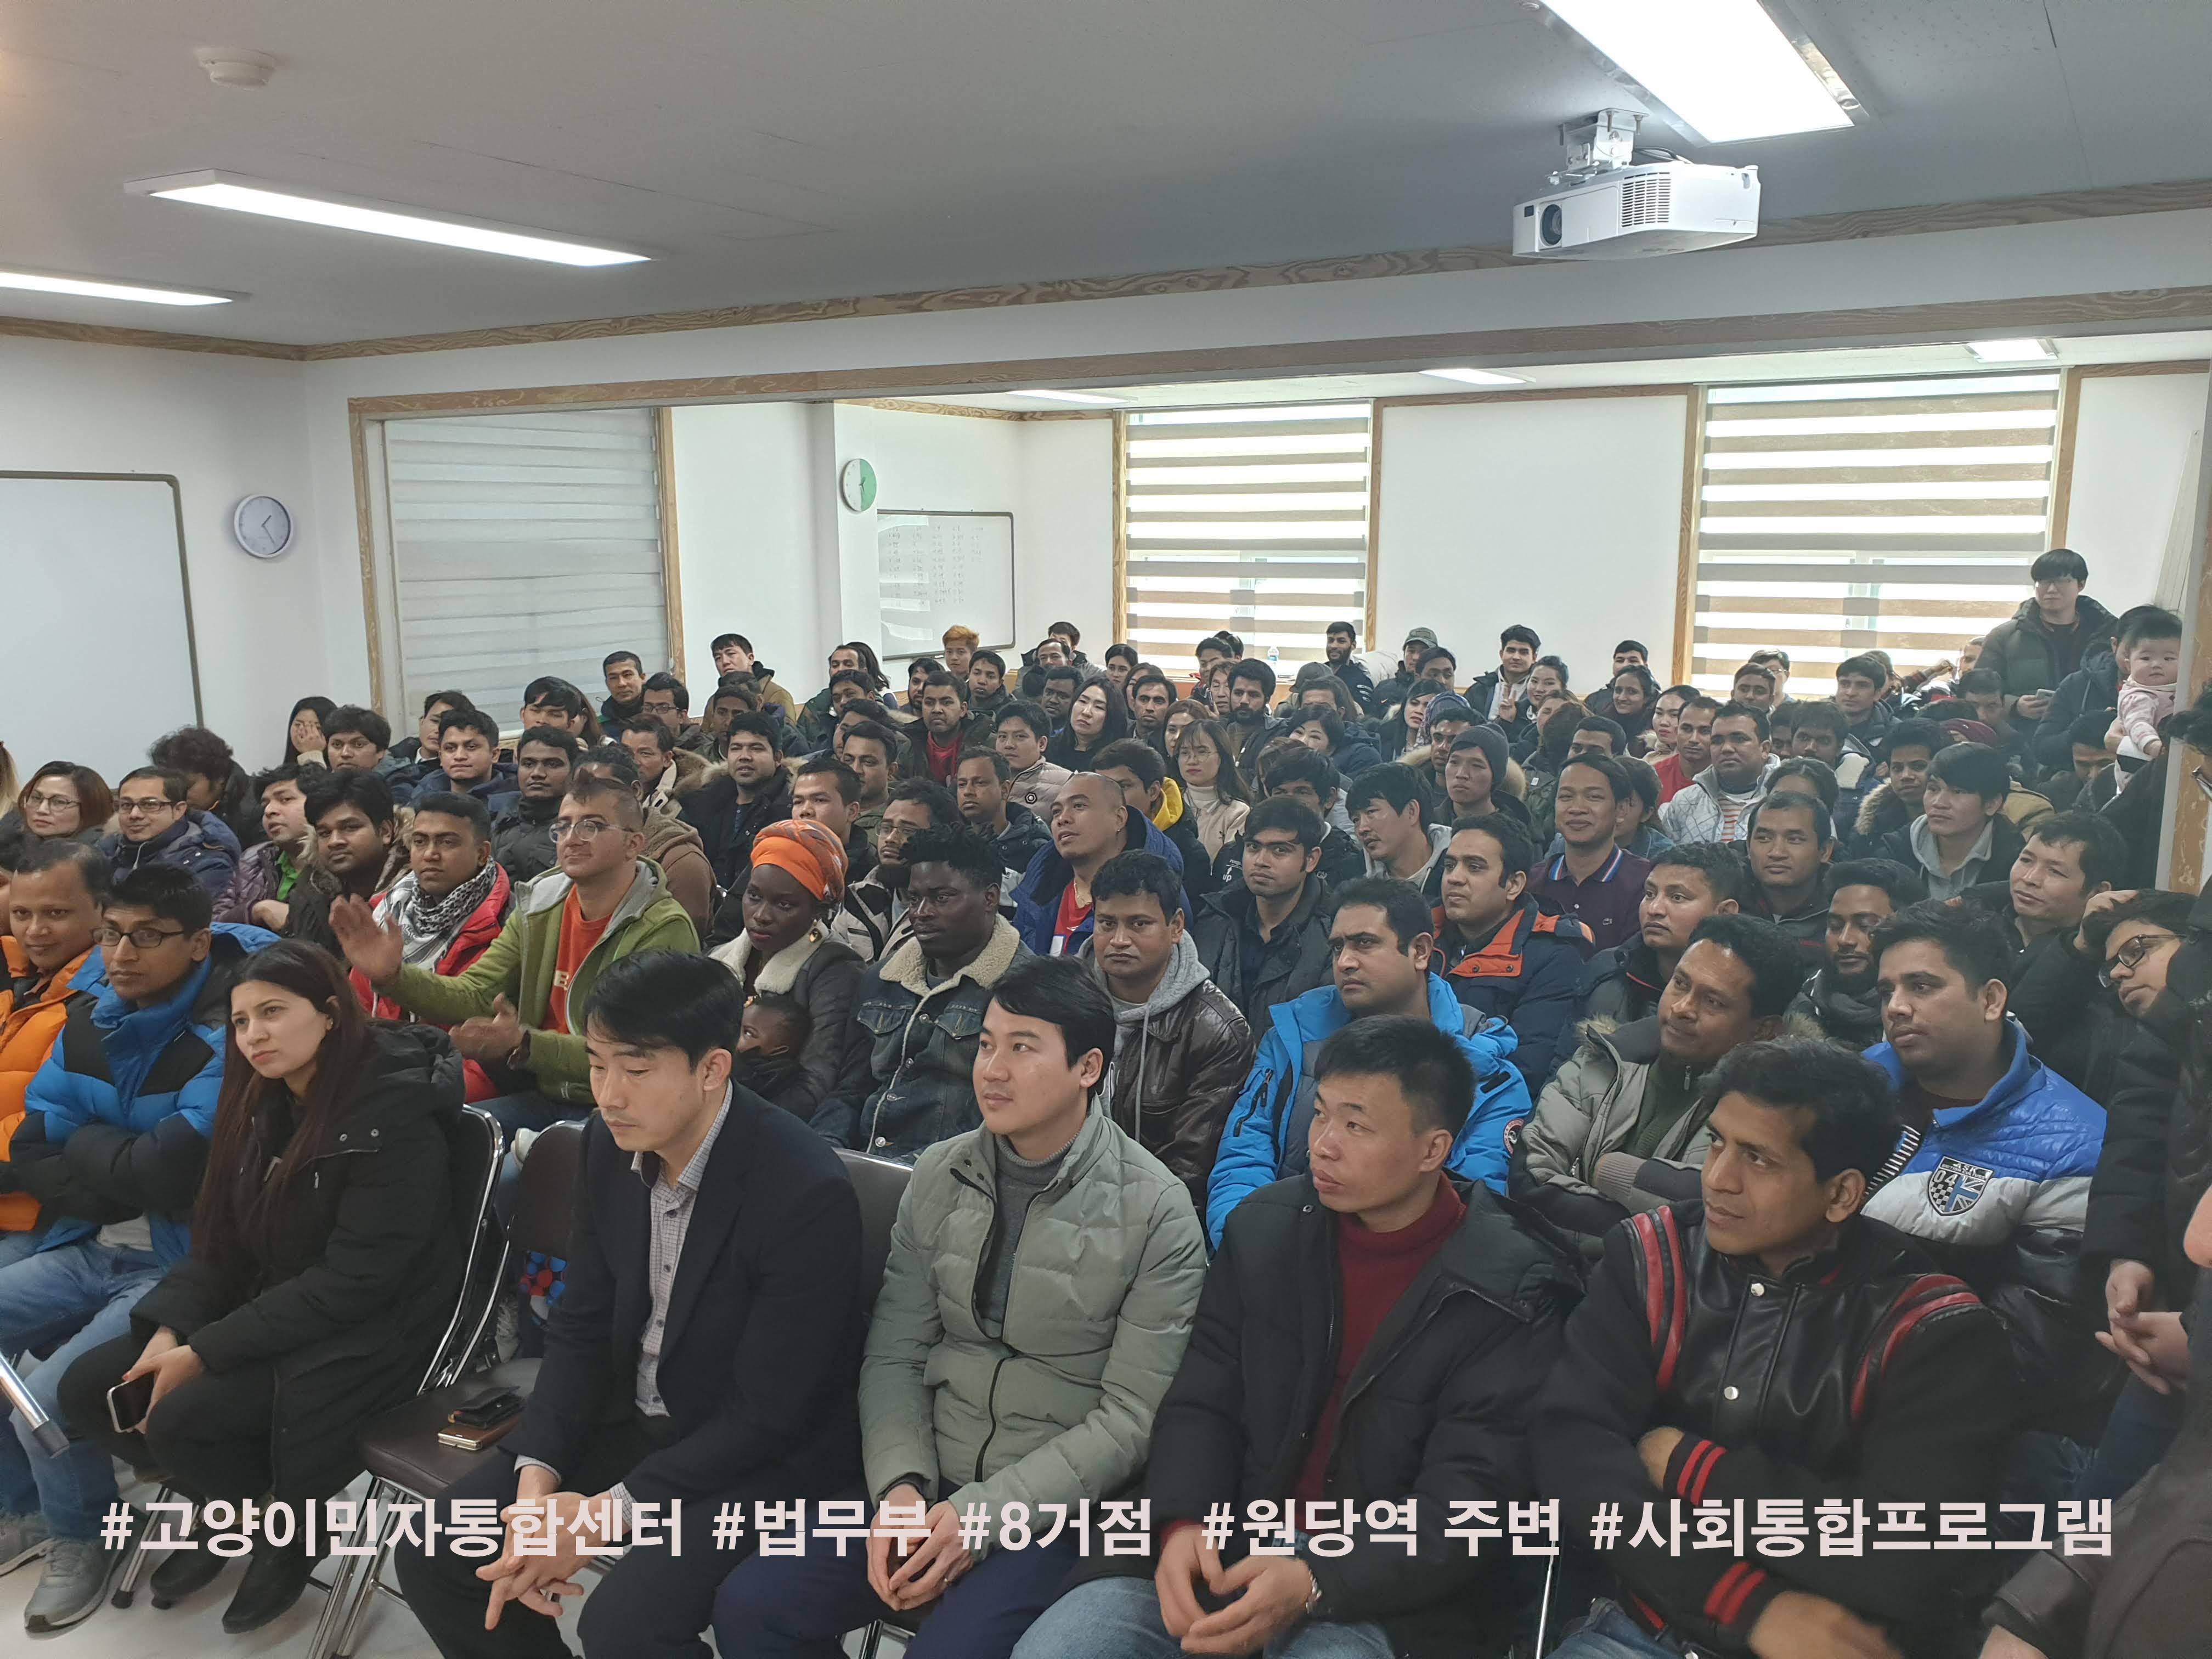 6.2월10일 고양이민자통합센터 1학기 사회통합프로그램 개강식 모임